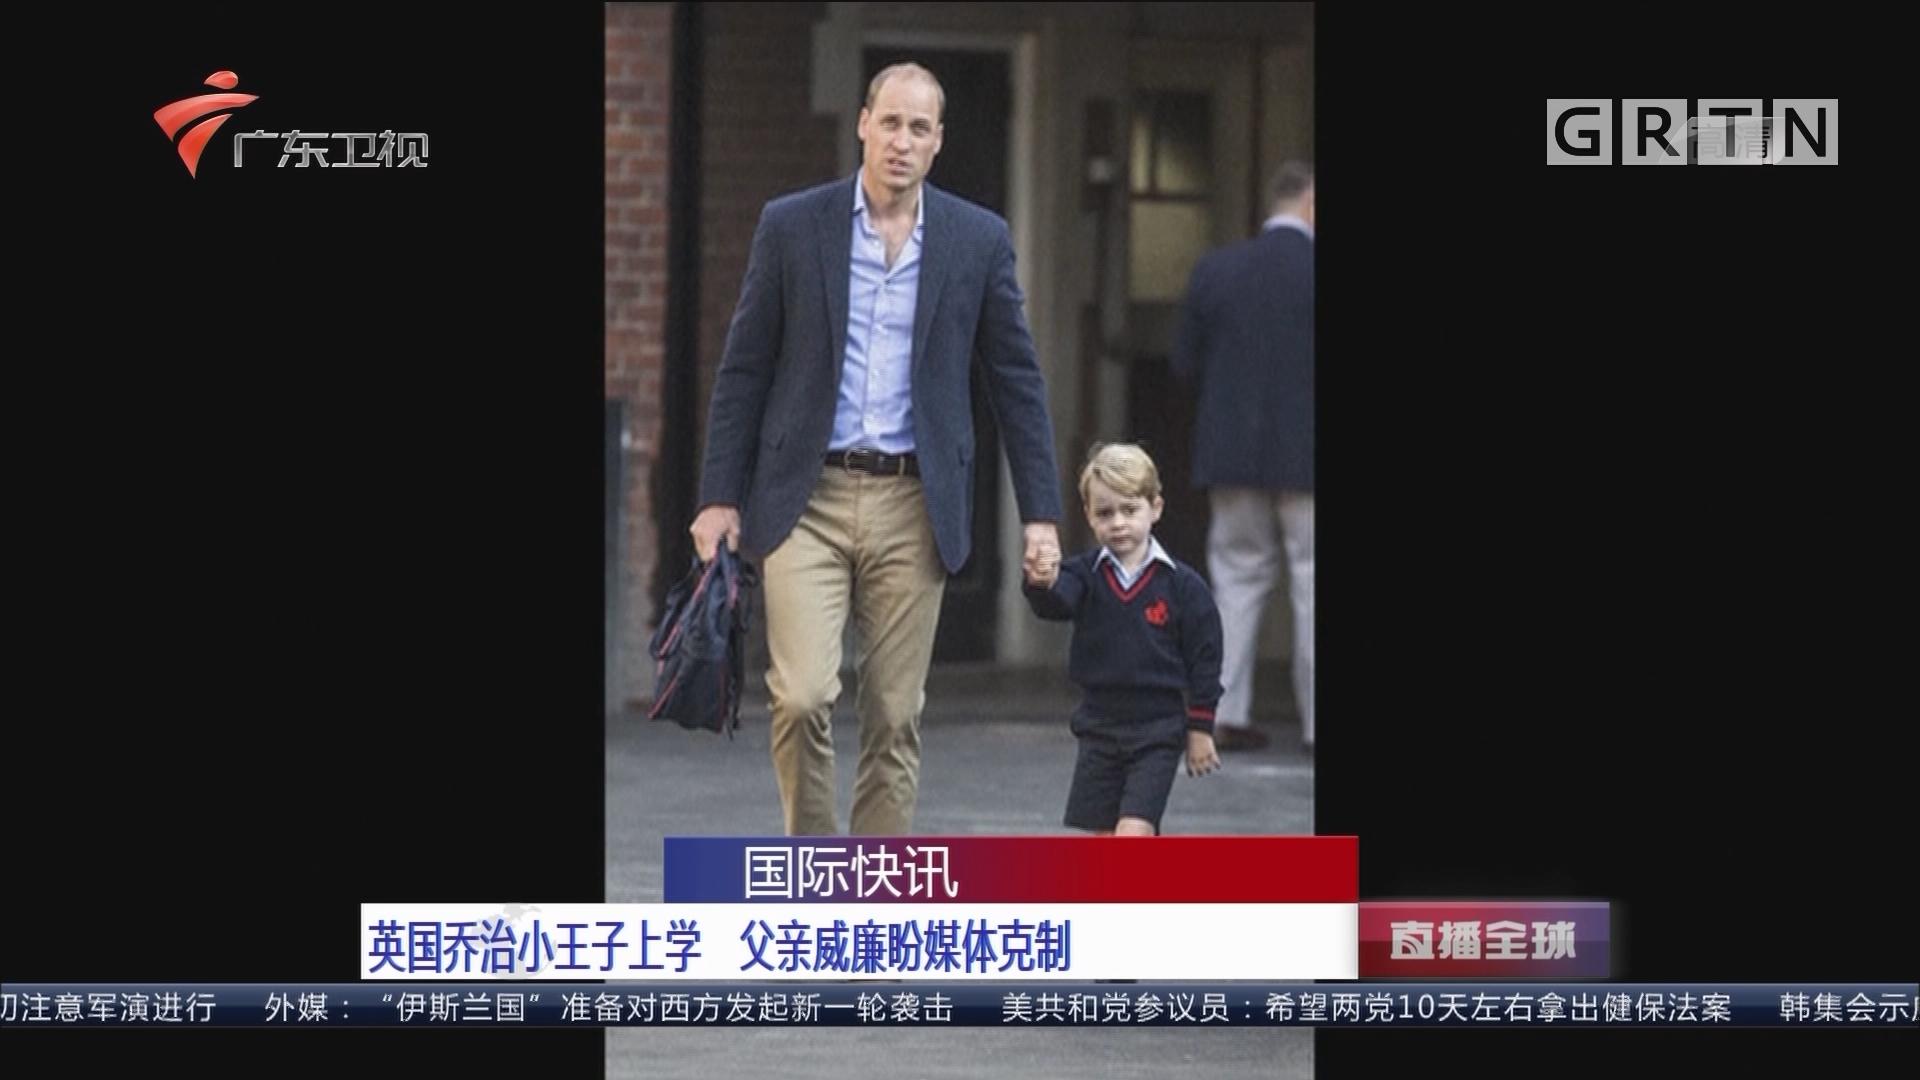 国际快讯:英国乔治小王子上学 父亲威廉盼媒体克制